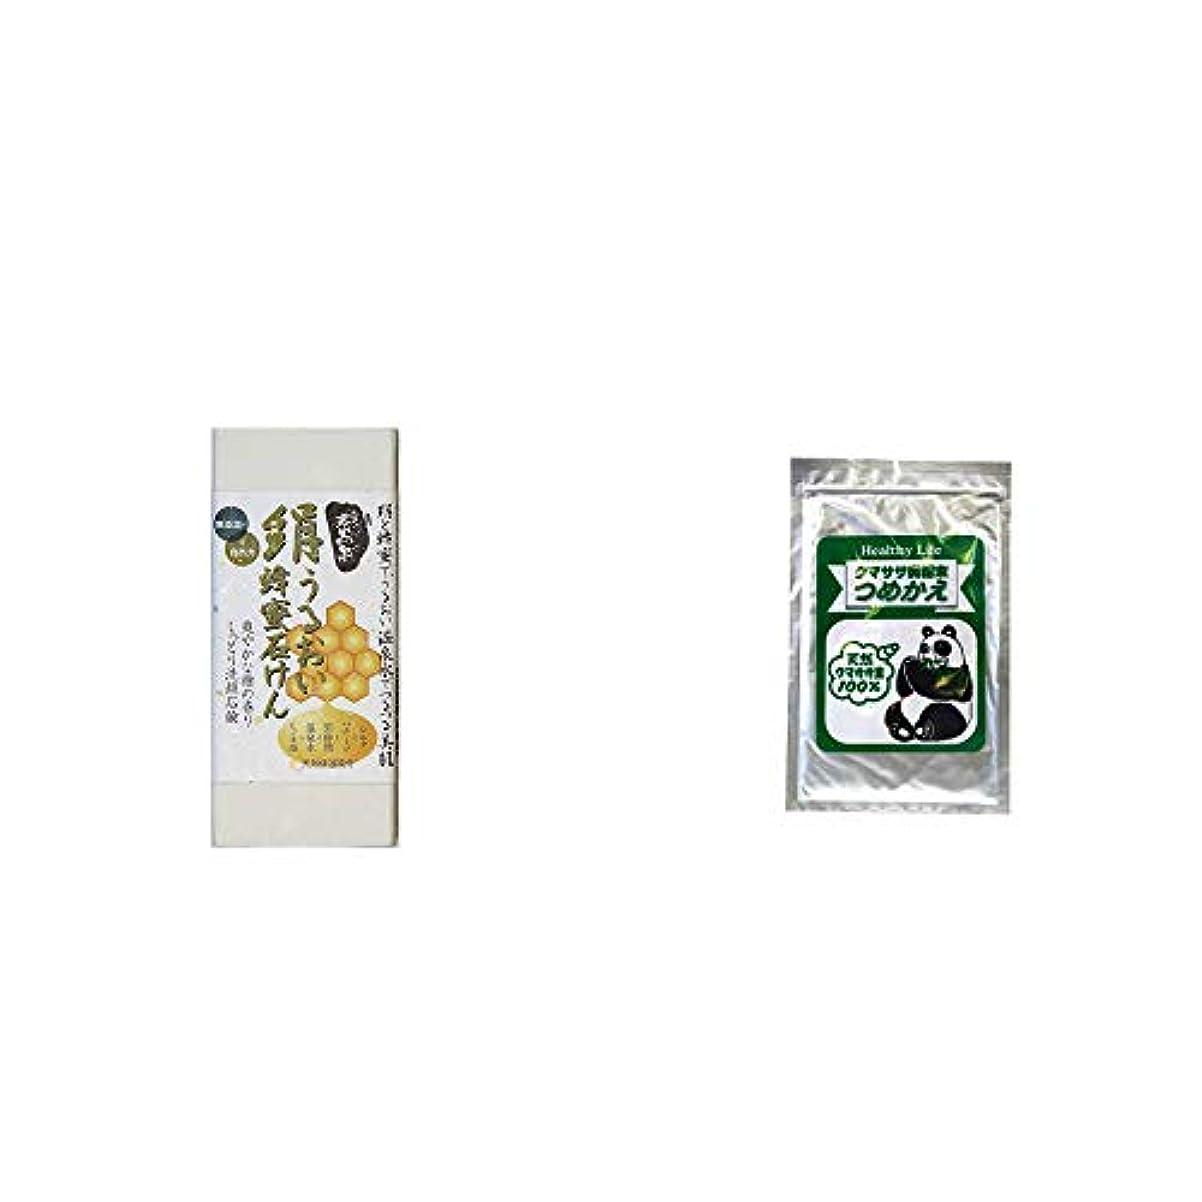 リボン宇宙飛行士球体[2点セット] ひのき炭黒泉 絹うるおい蜂蜜石けん(75g×2)?木曽産 熊笹100% クマササ微粉末 詰め替え用 (60g)